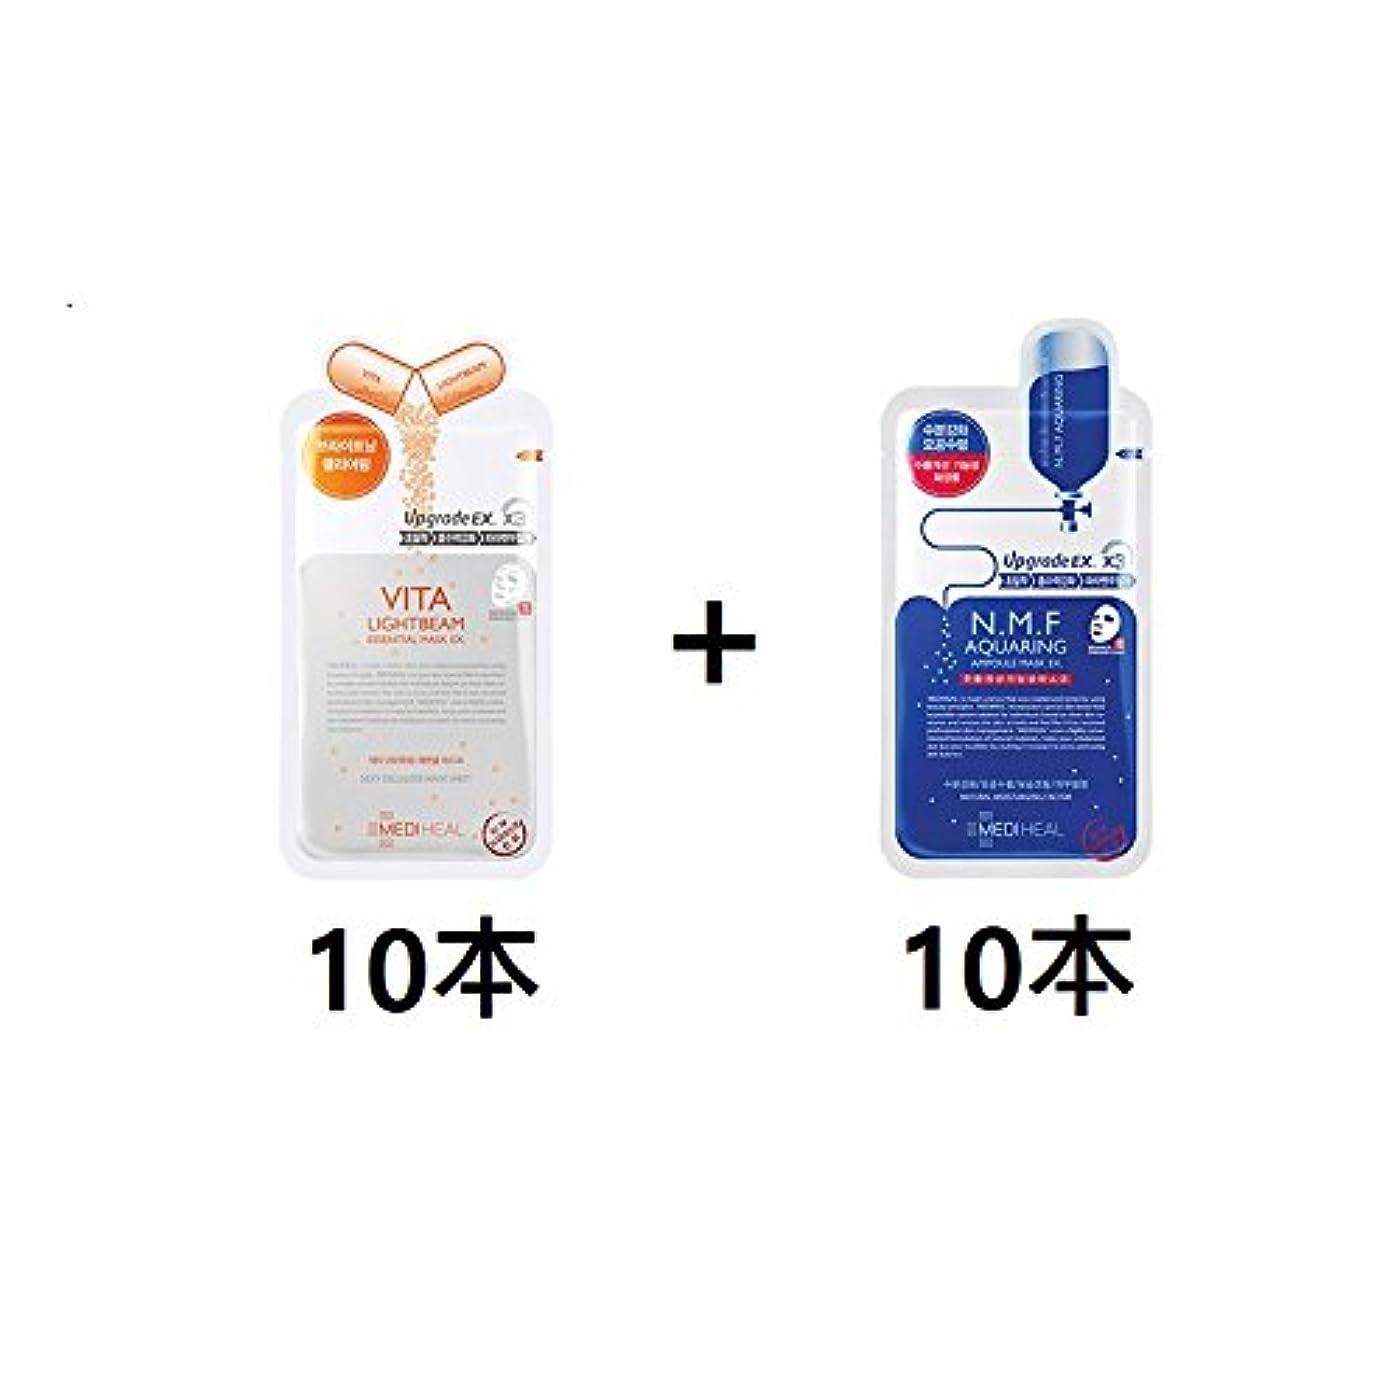 判定うつお茶【正規輸入品】[10+10] [メディヒール] Mediheal [N.M.F アクアリング アンプルマスク EX (10枚)] + [ Vita Lightbeam ビター ライトビーム エッセンシャル マスクパック EX (10枚)]